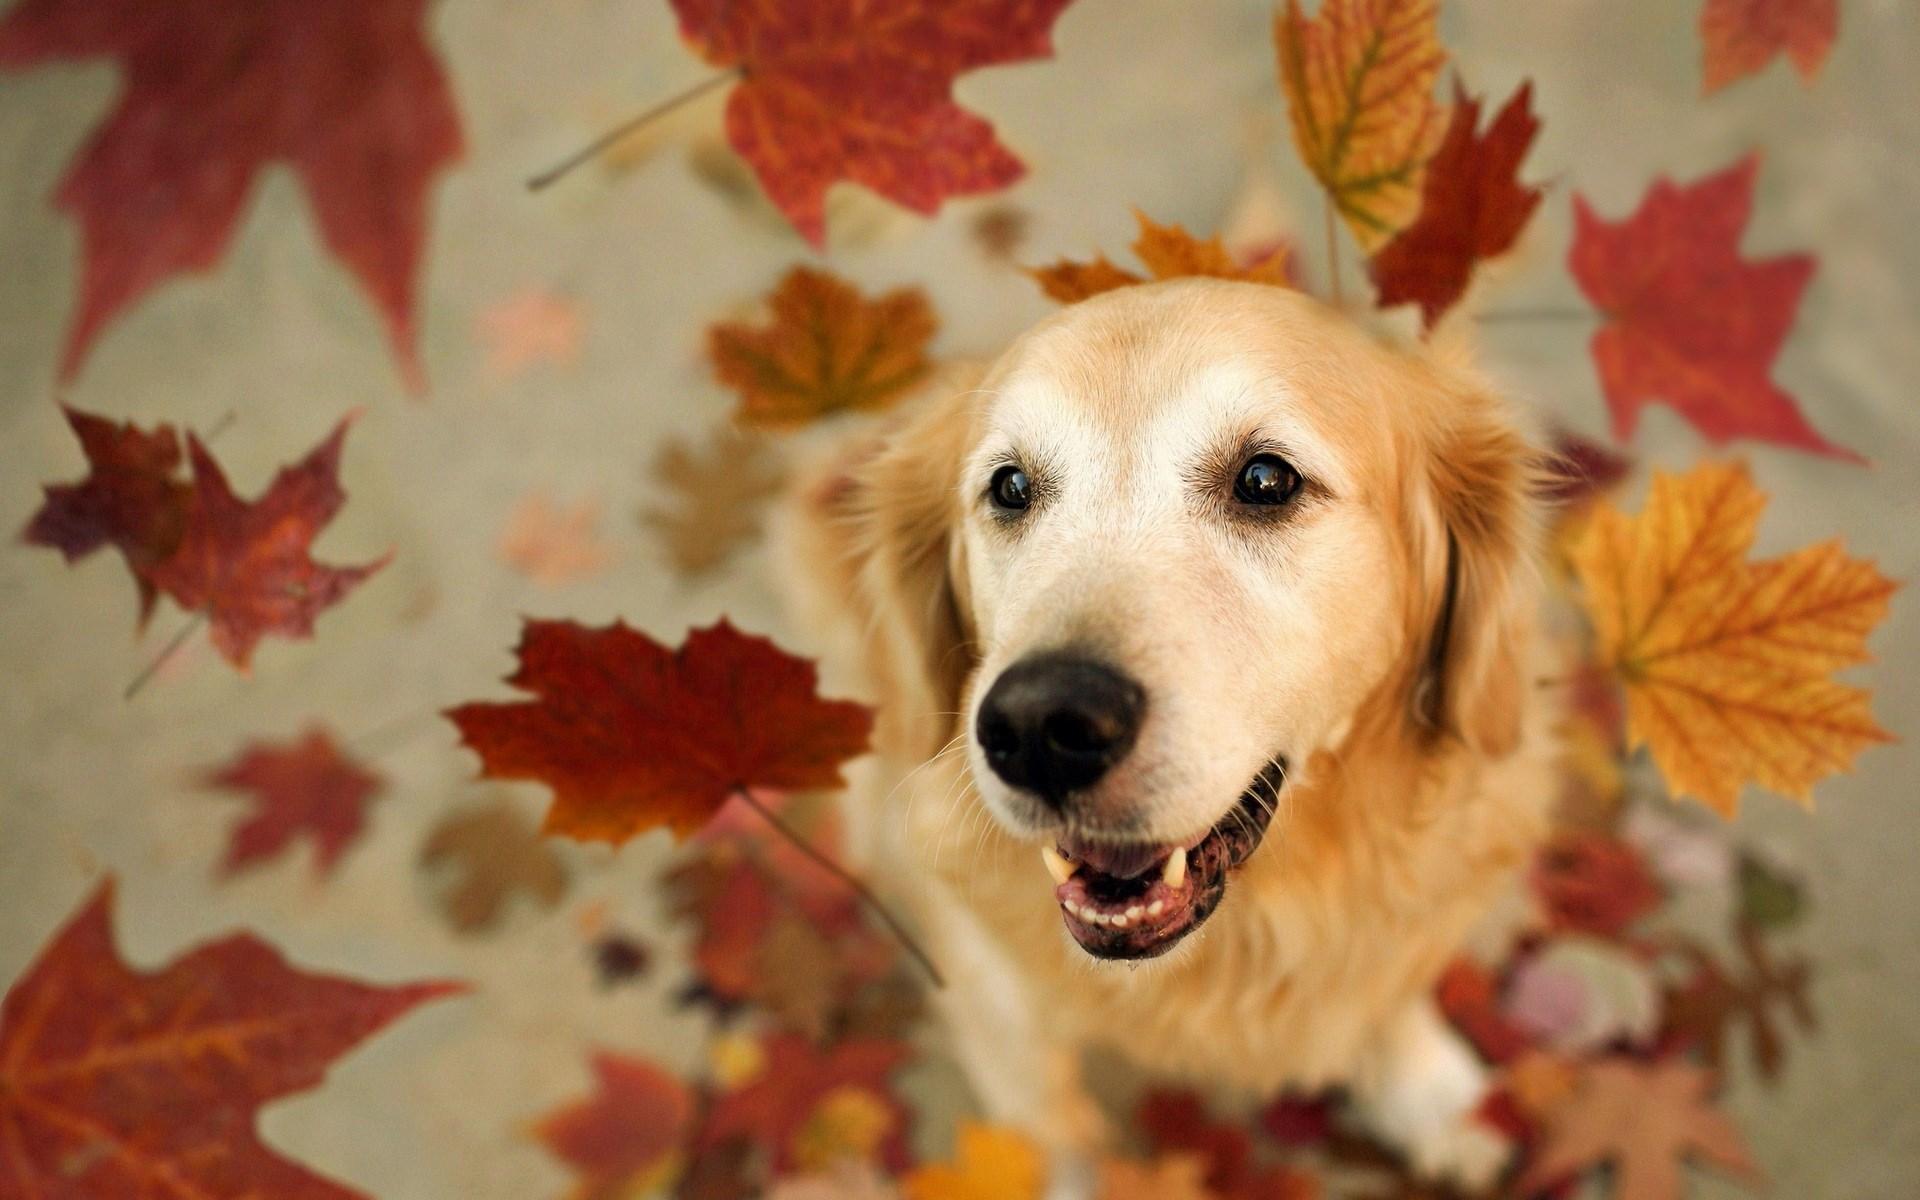 Dogs Autumn 1920x1200